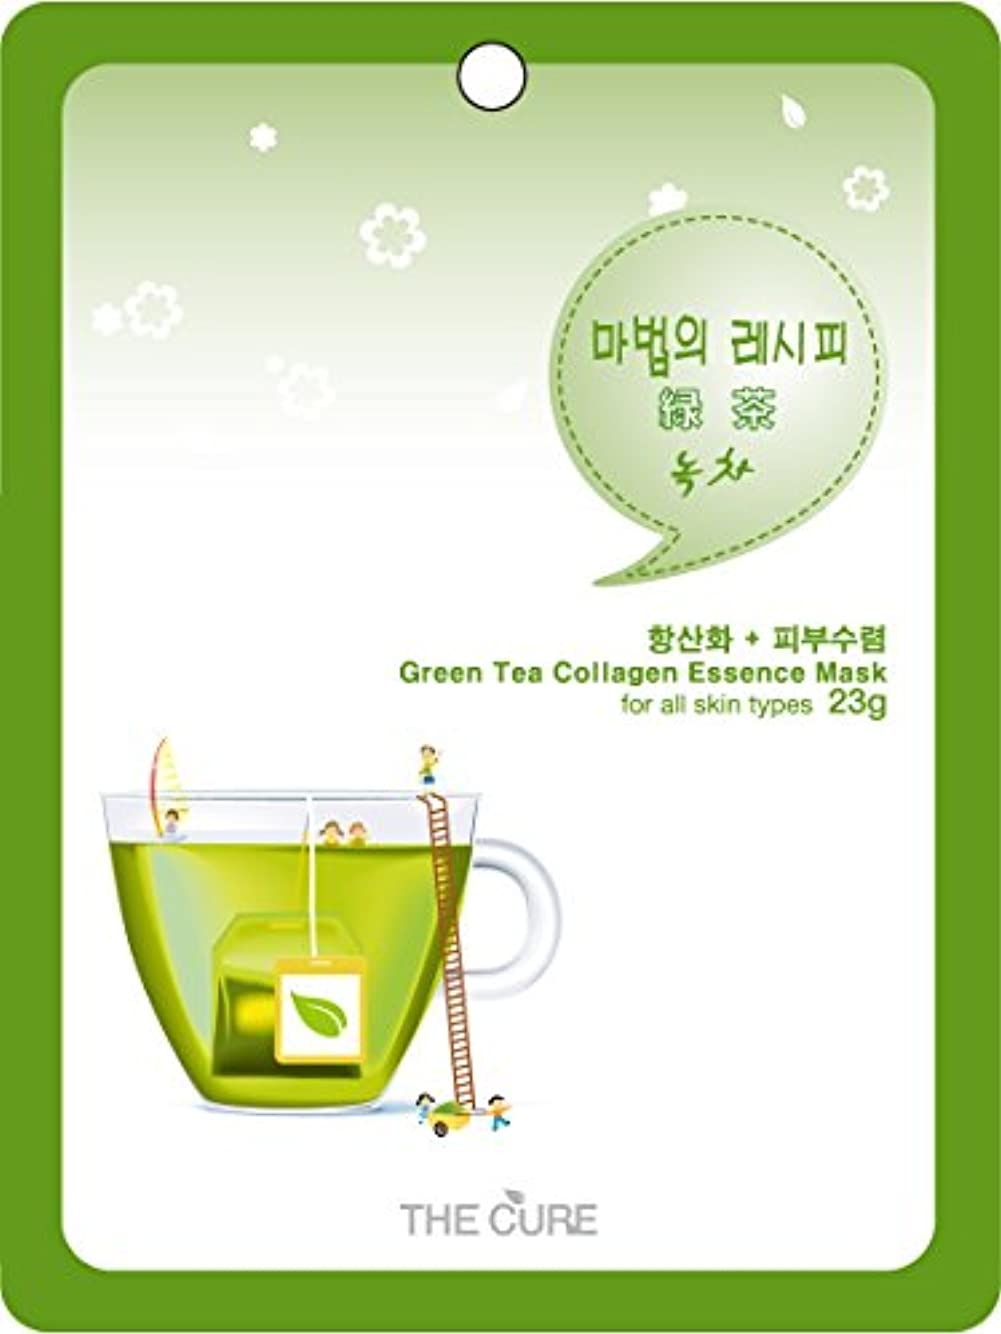 パケット毛布累計緑茶 コラーゲン エッセンス マスク THE CURE シート パック 100枚セット 韓国 コスメ 乾燥肌 オイリー肌 混合肌